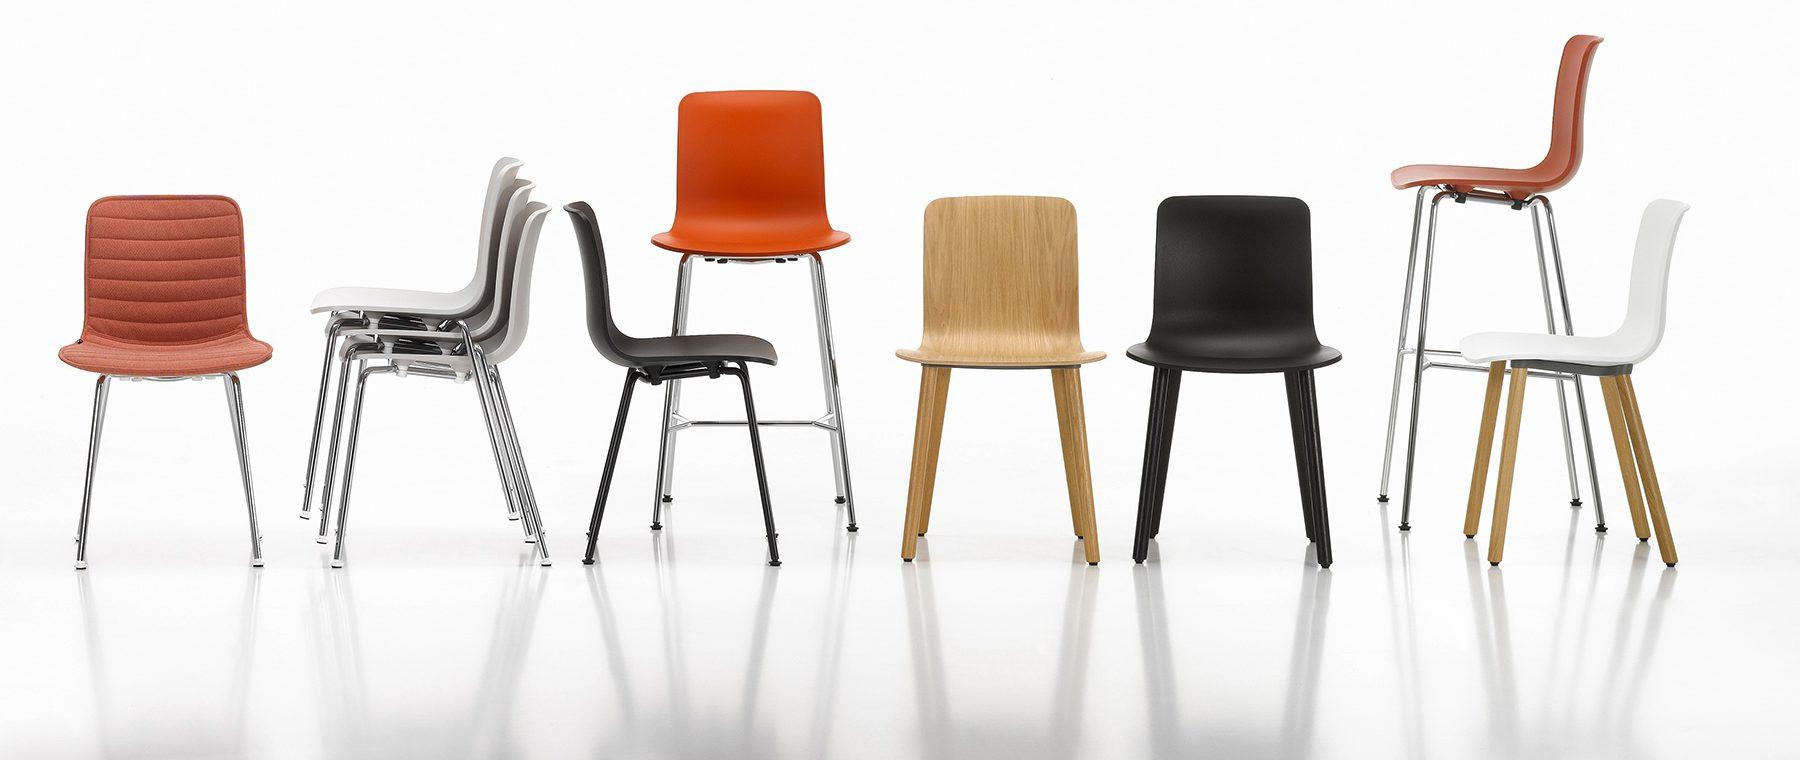 Jasper Morrison Vitra chairs